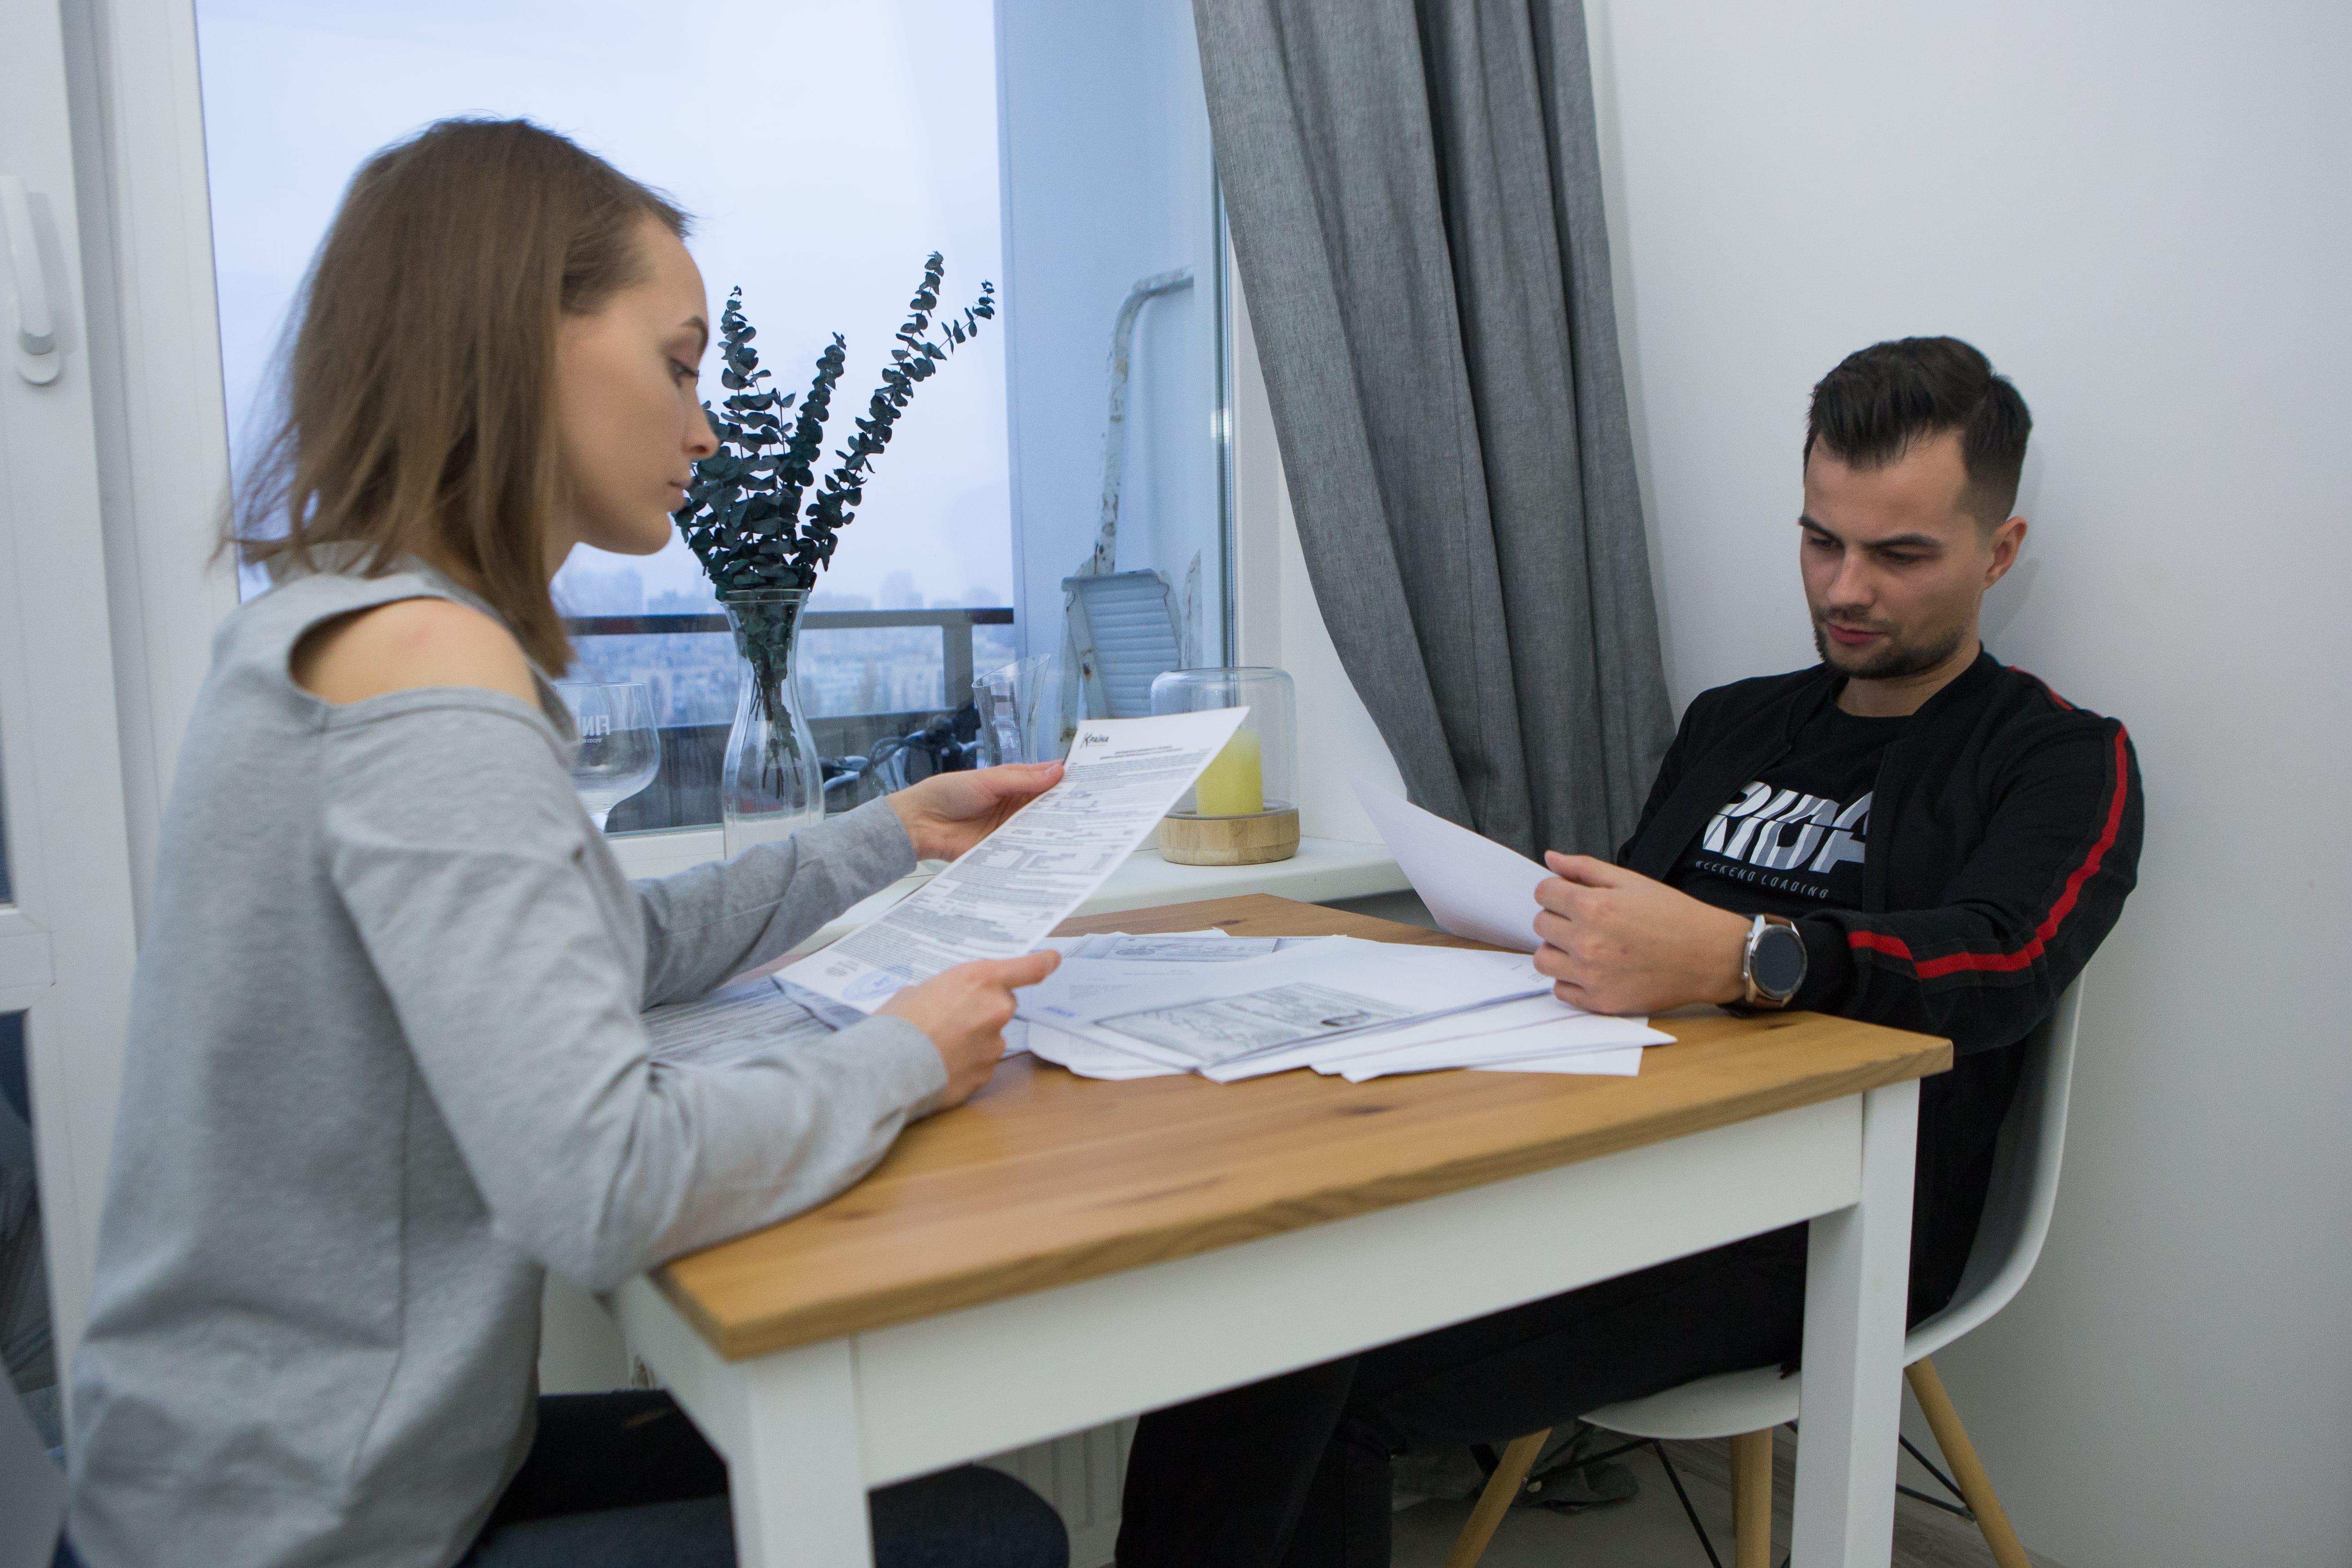 img 0121 - <b>Сім кіл пекла.</b> Чому білоруські мігранти не можуть оселитися в Україні й до чого тут міграційна служба - Заборона